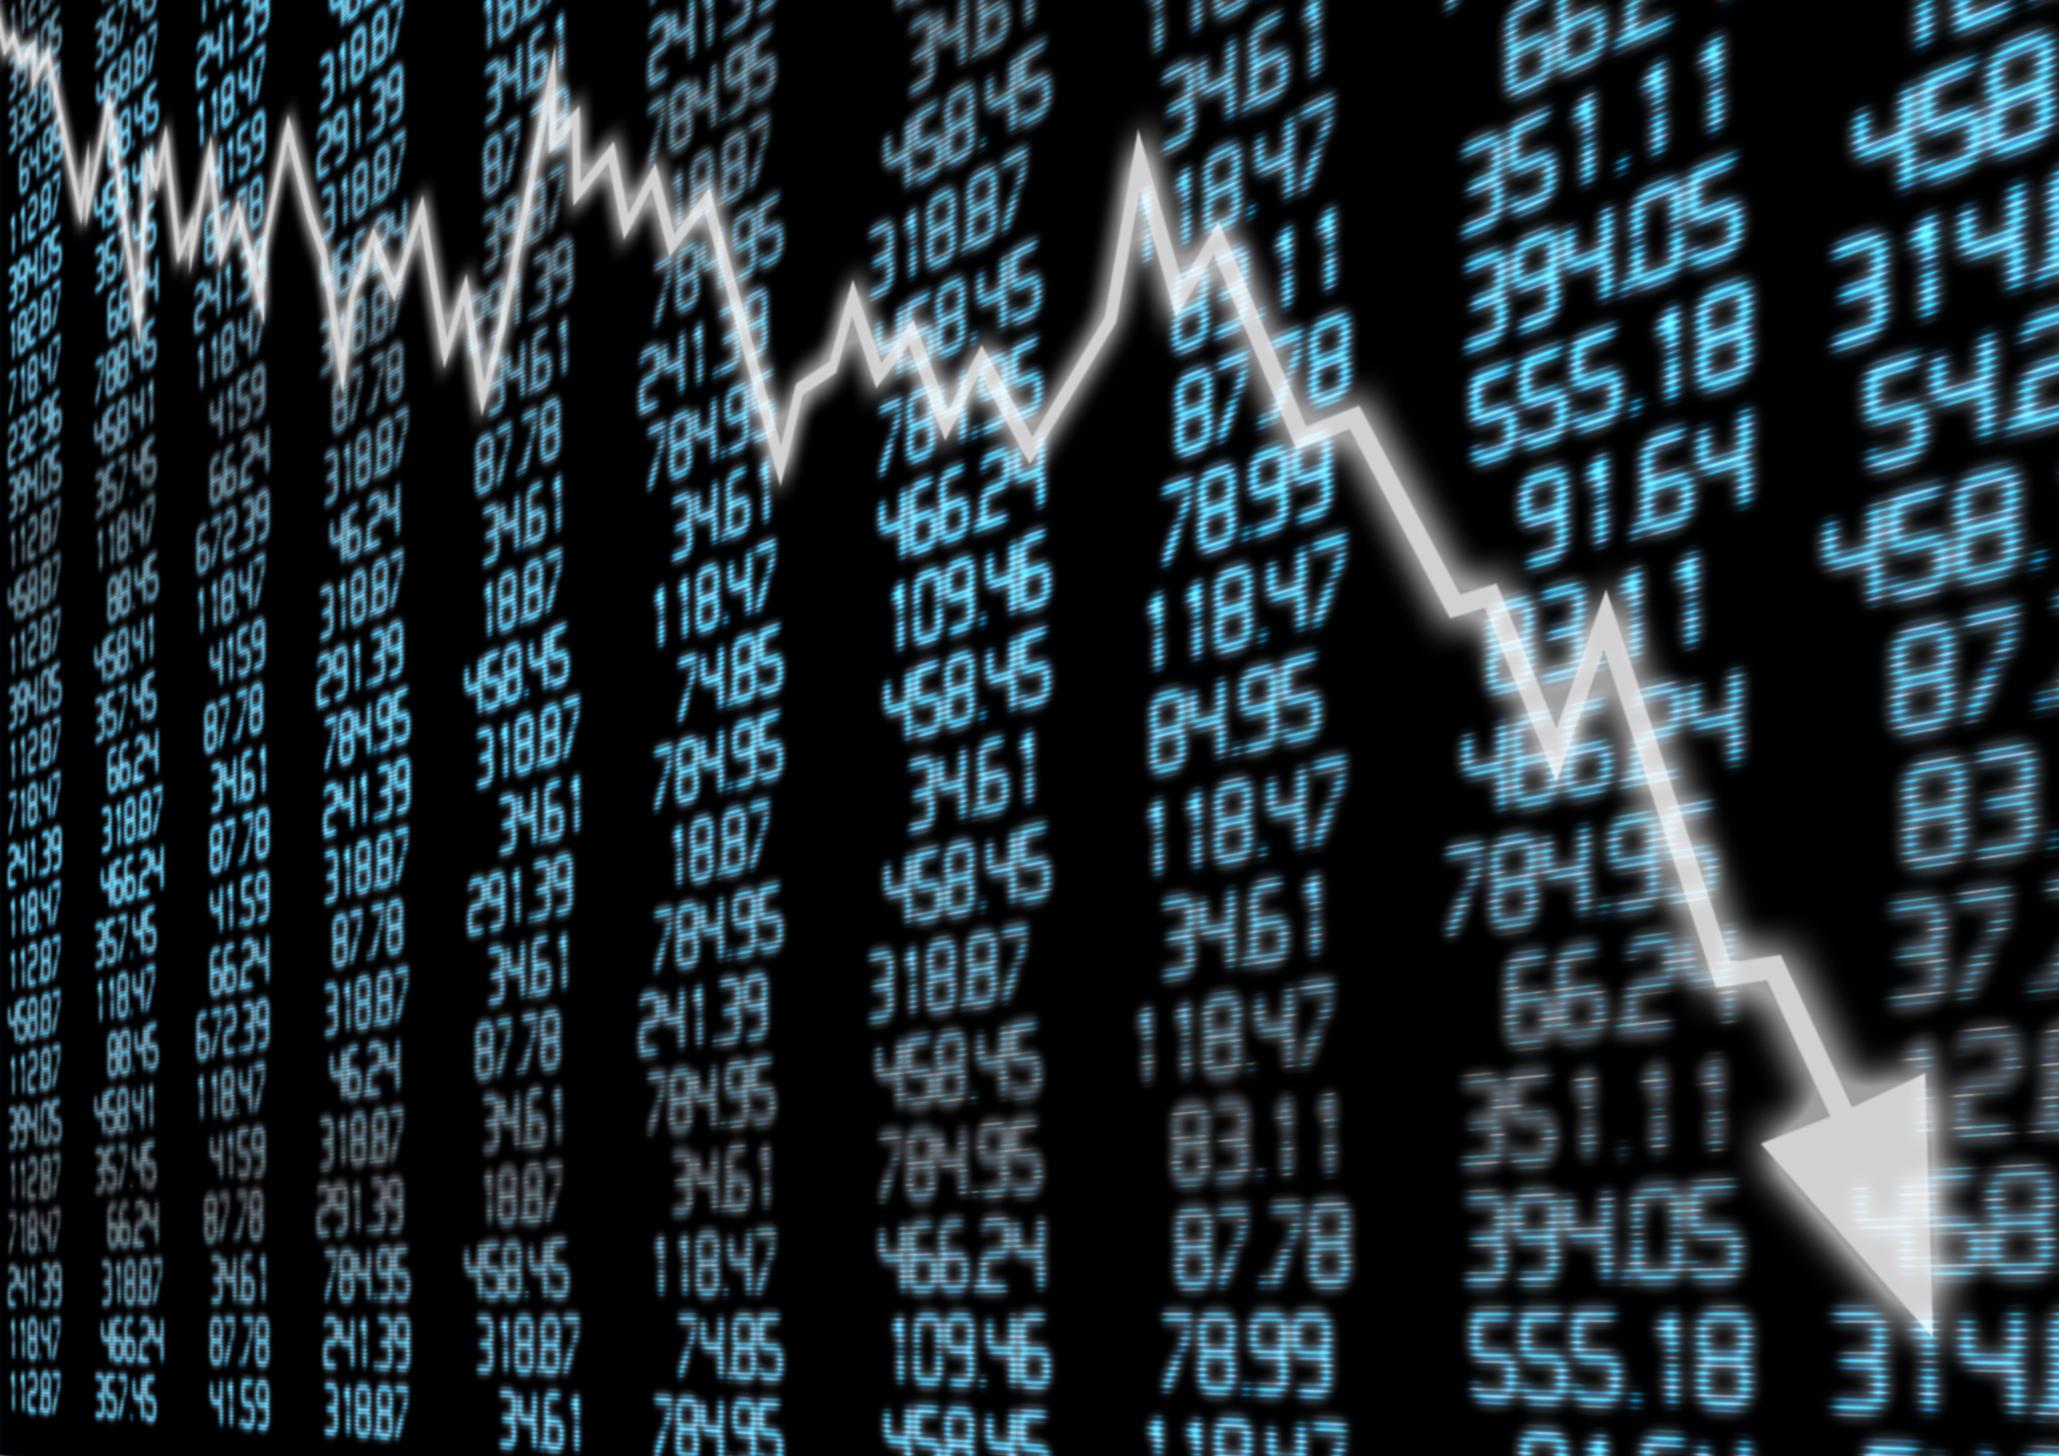 A declining stock chart.